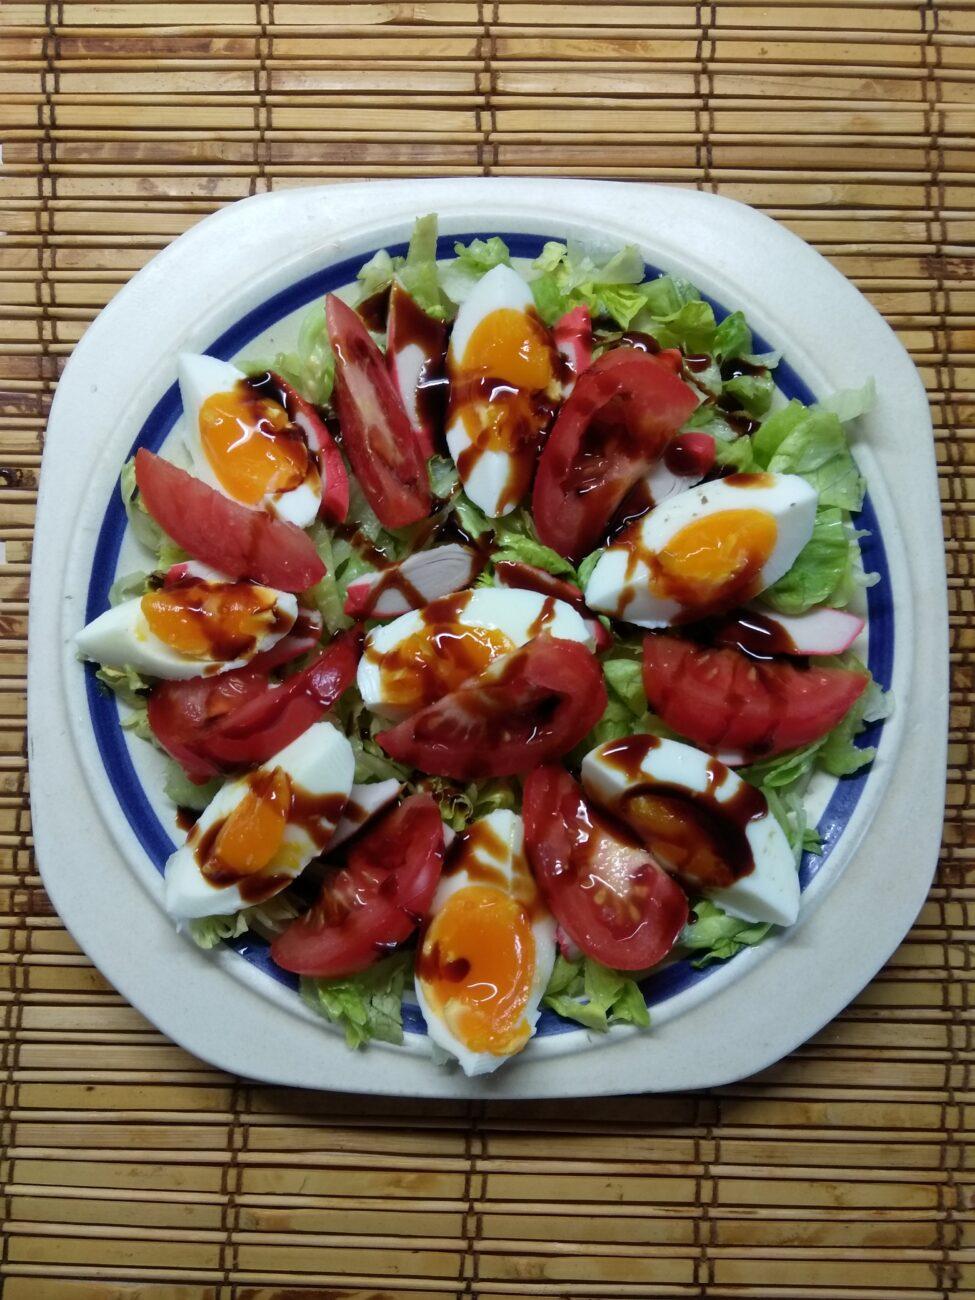 Салат с капустой, крабовыми палочками, яйцами и помидорами